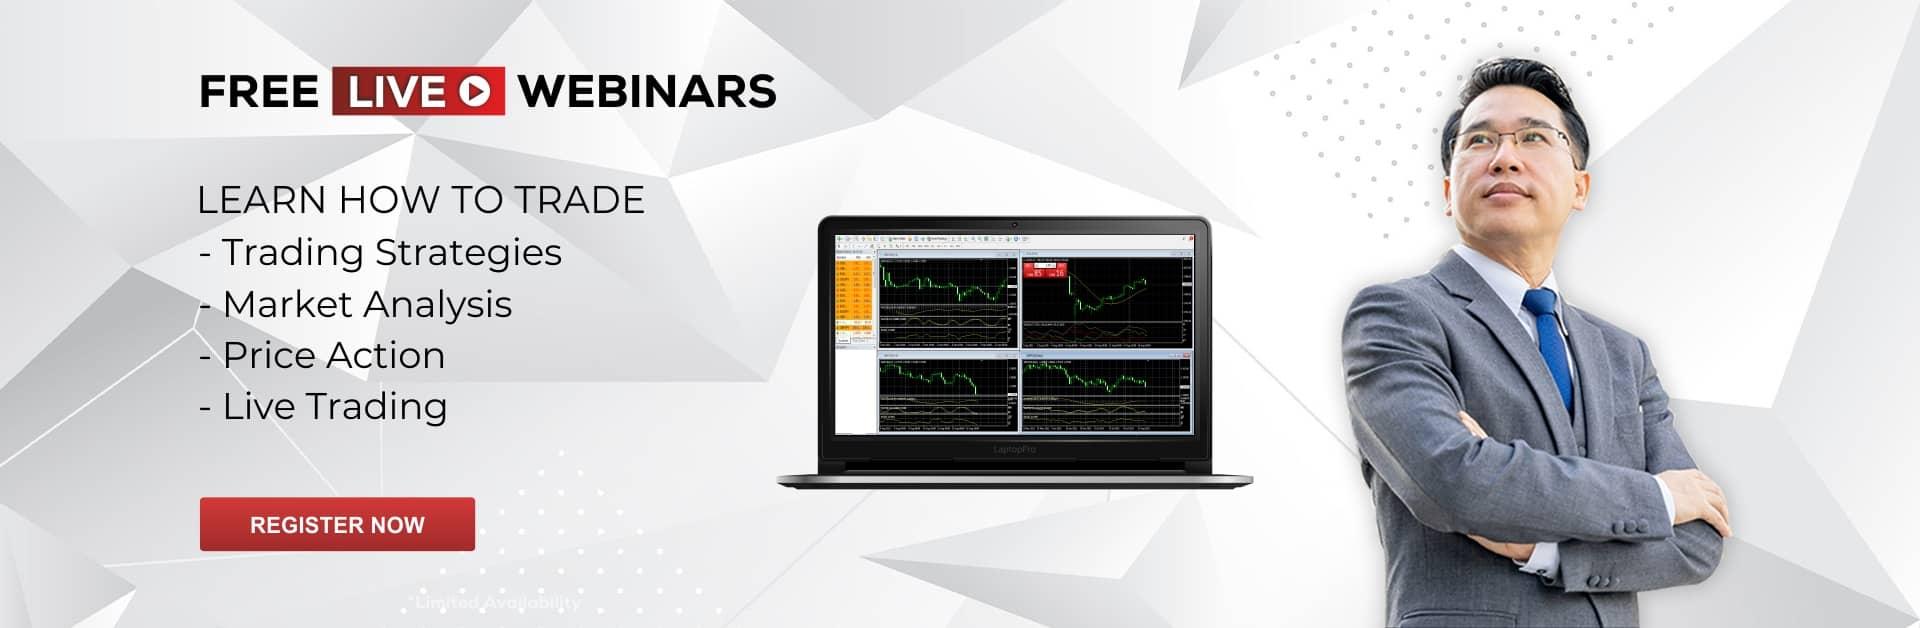 Trading Webinars